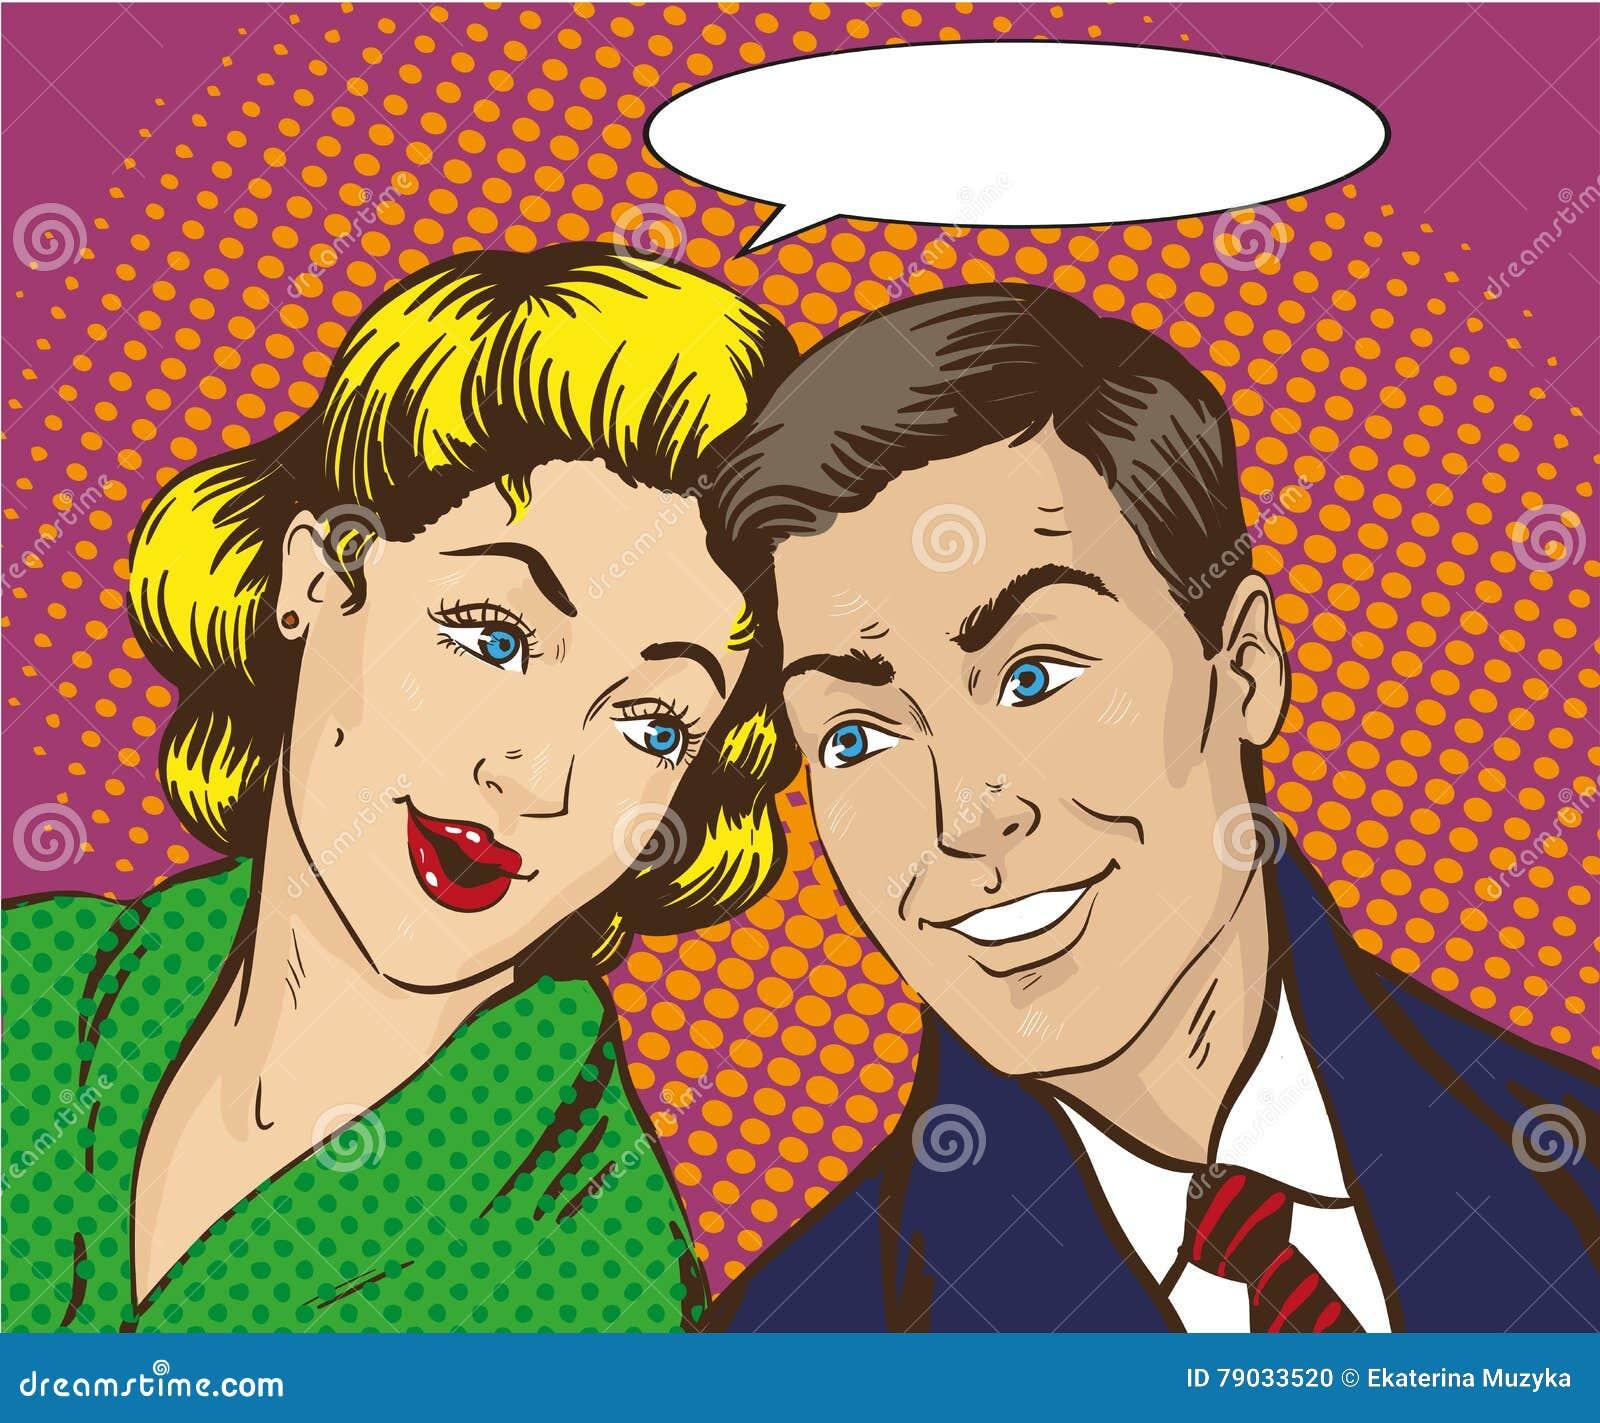 Vectorillustratie in Pop Art Style Vrouw en man bespreking aan elkaar Retro grappig Roddel, geruchtenbesprekingen